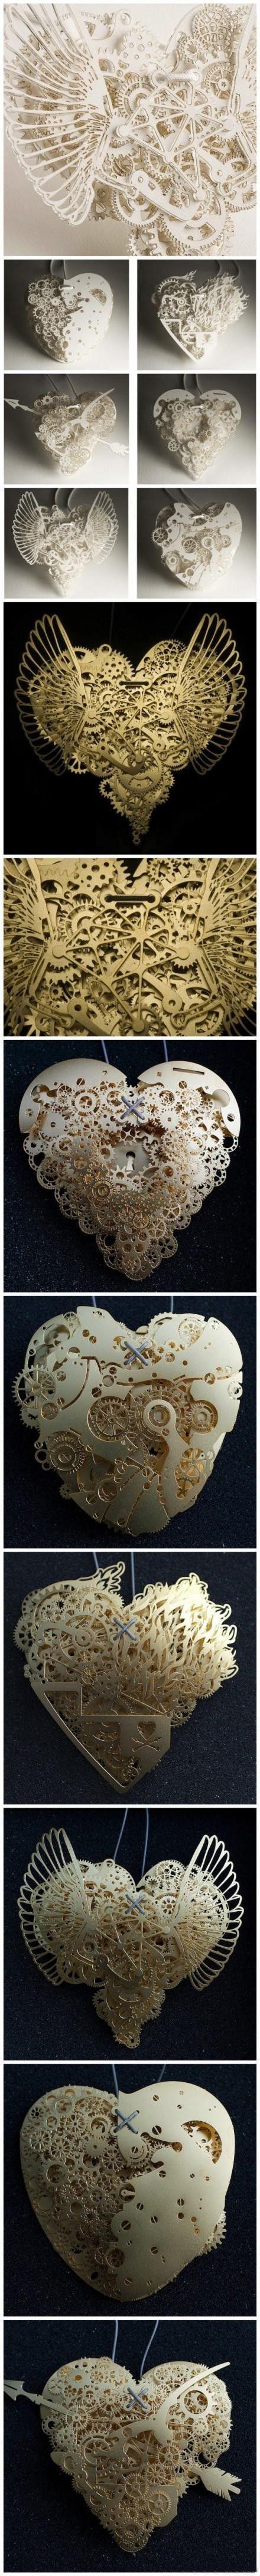 Mechanical-heart-paper-sculptures.jpg (440×4367)